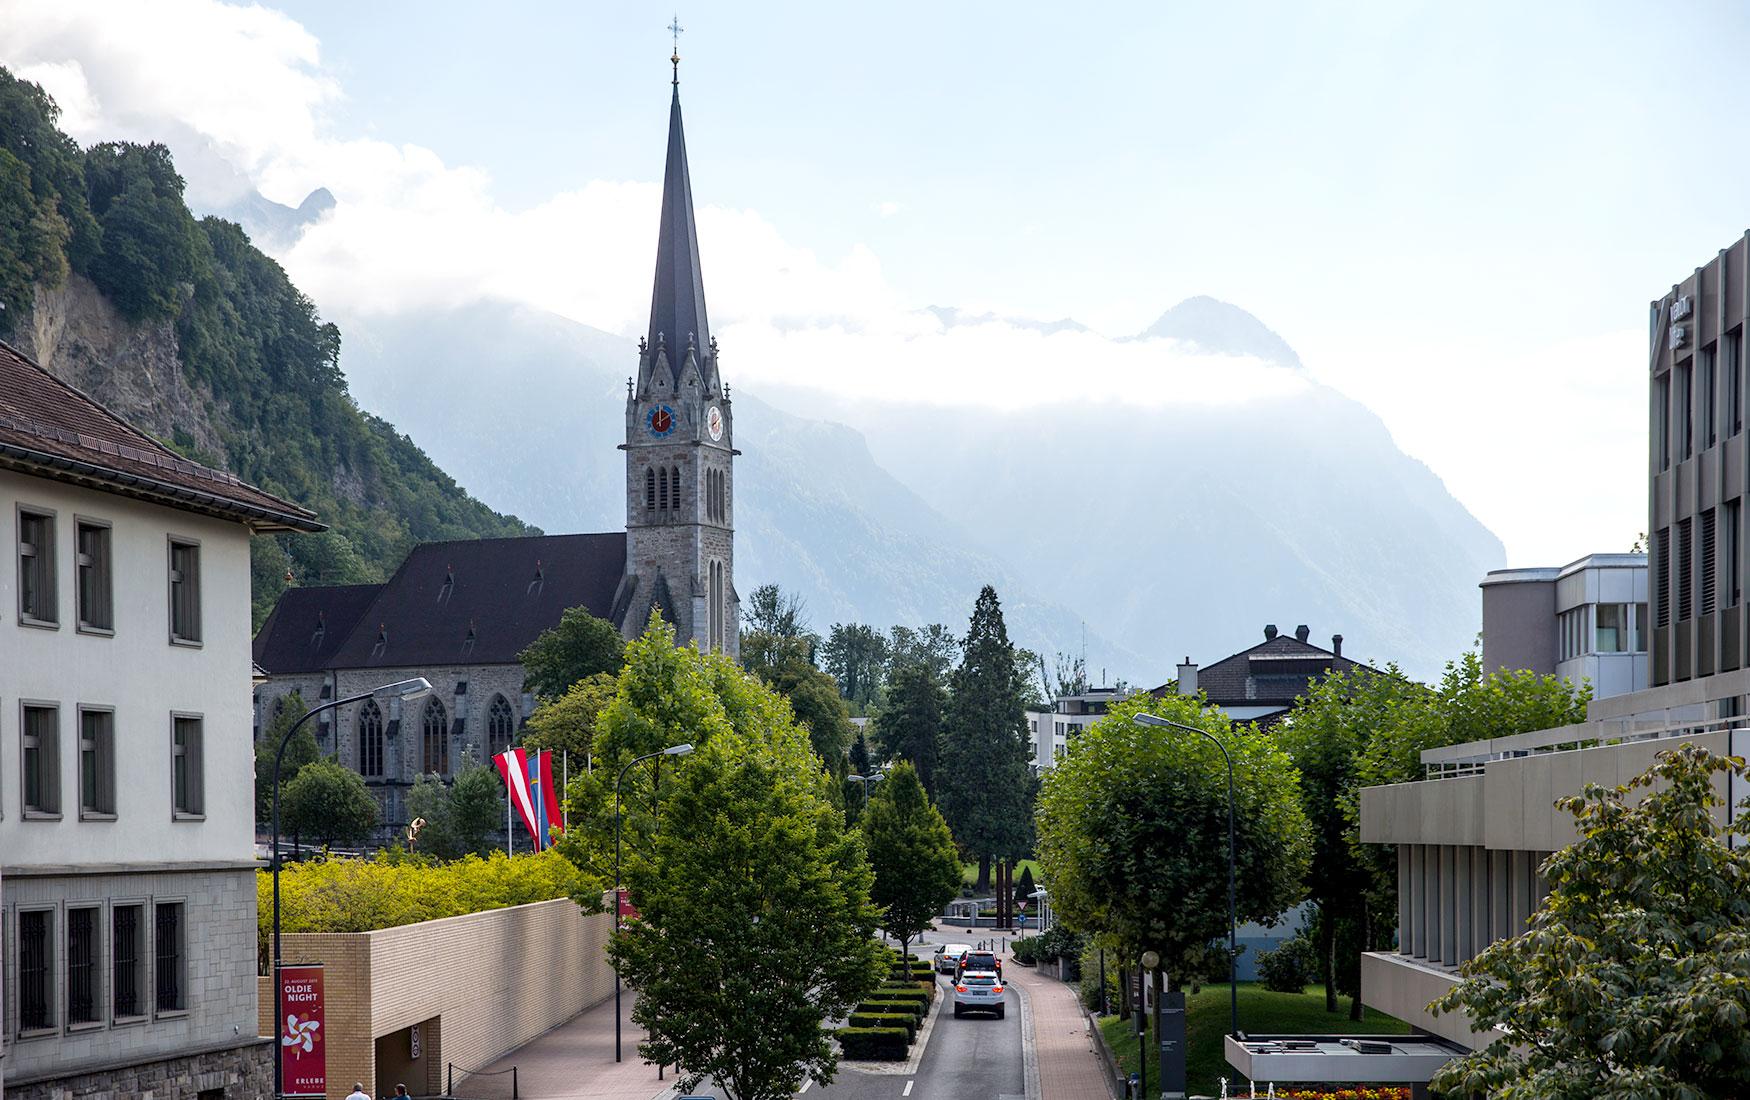 Загадка Лихтенштейна. Почему блокчейн процветает в одной из самых маленьких стран мира